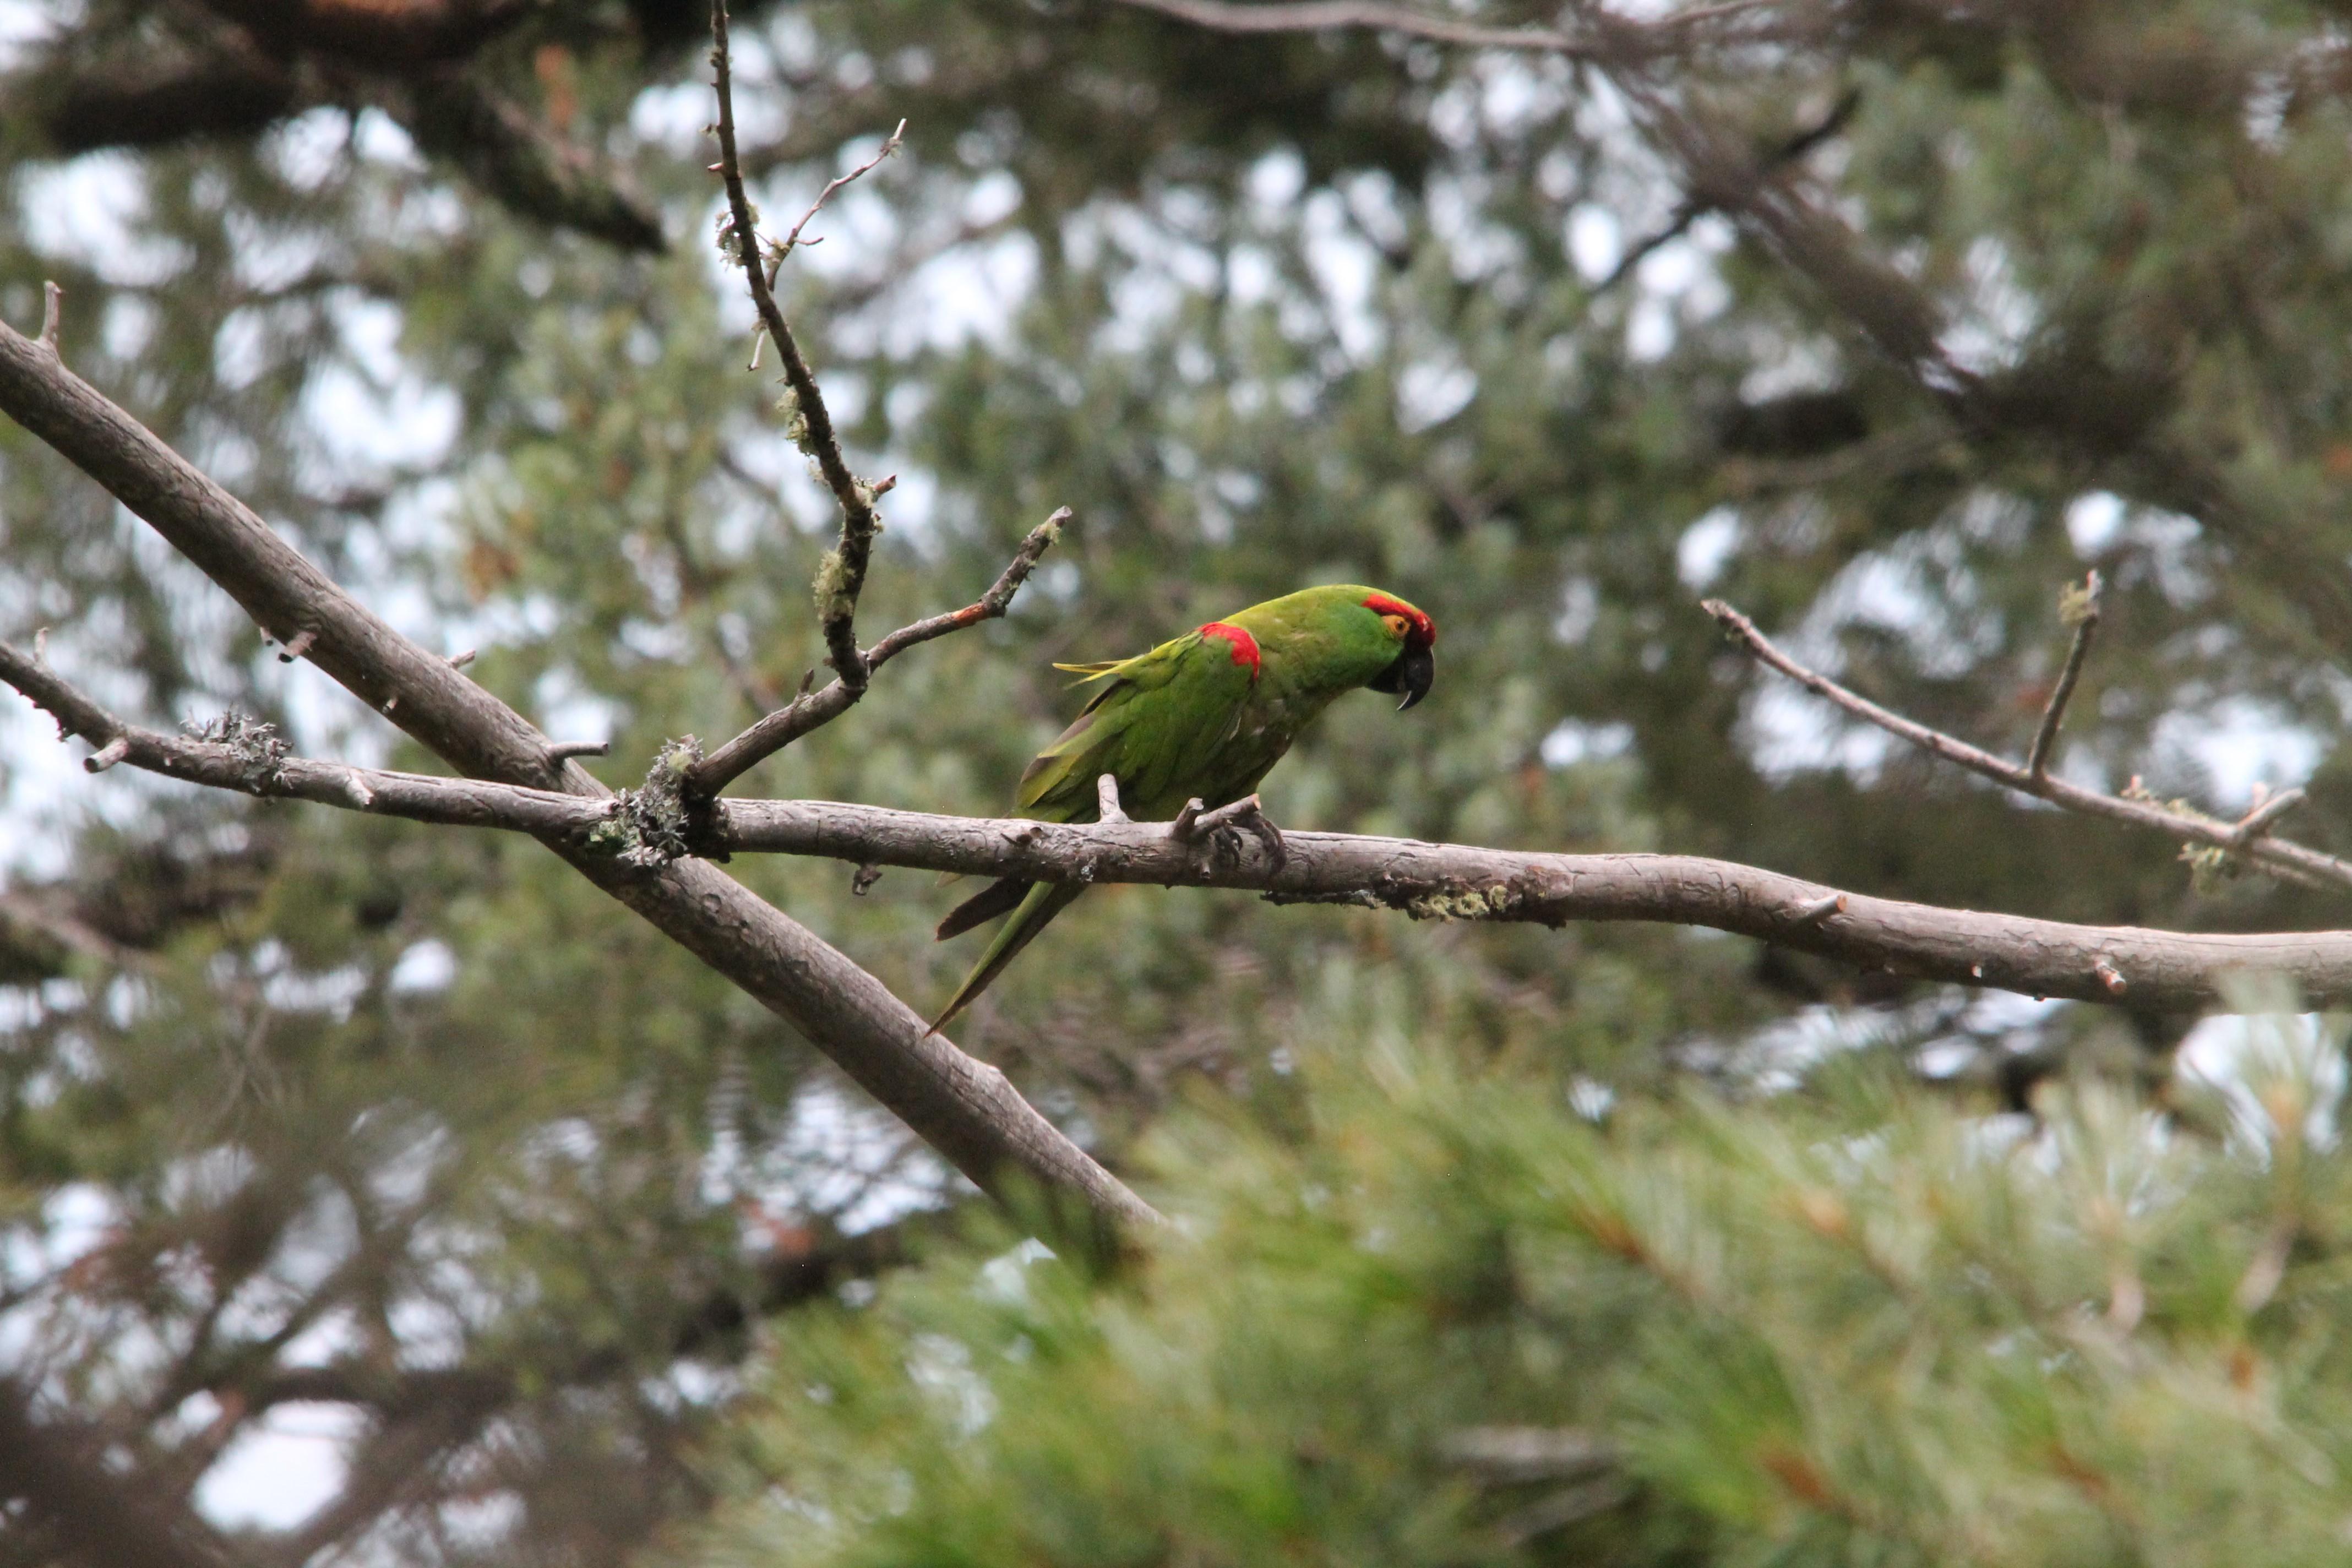 Cotorra Serrana en la Reserva de la Biósfera Janos – ovis ac